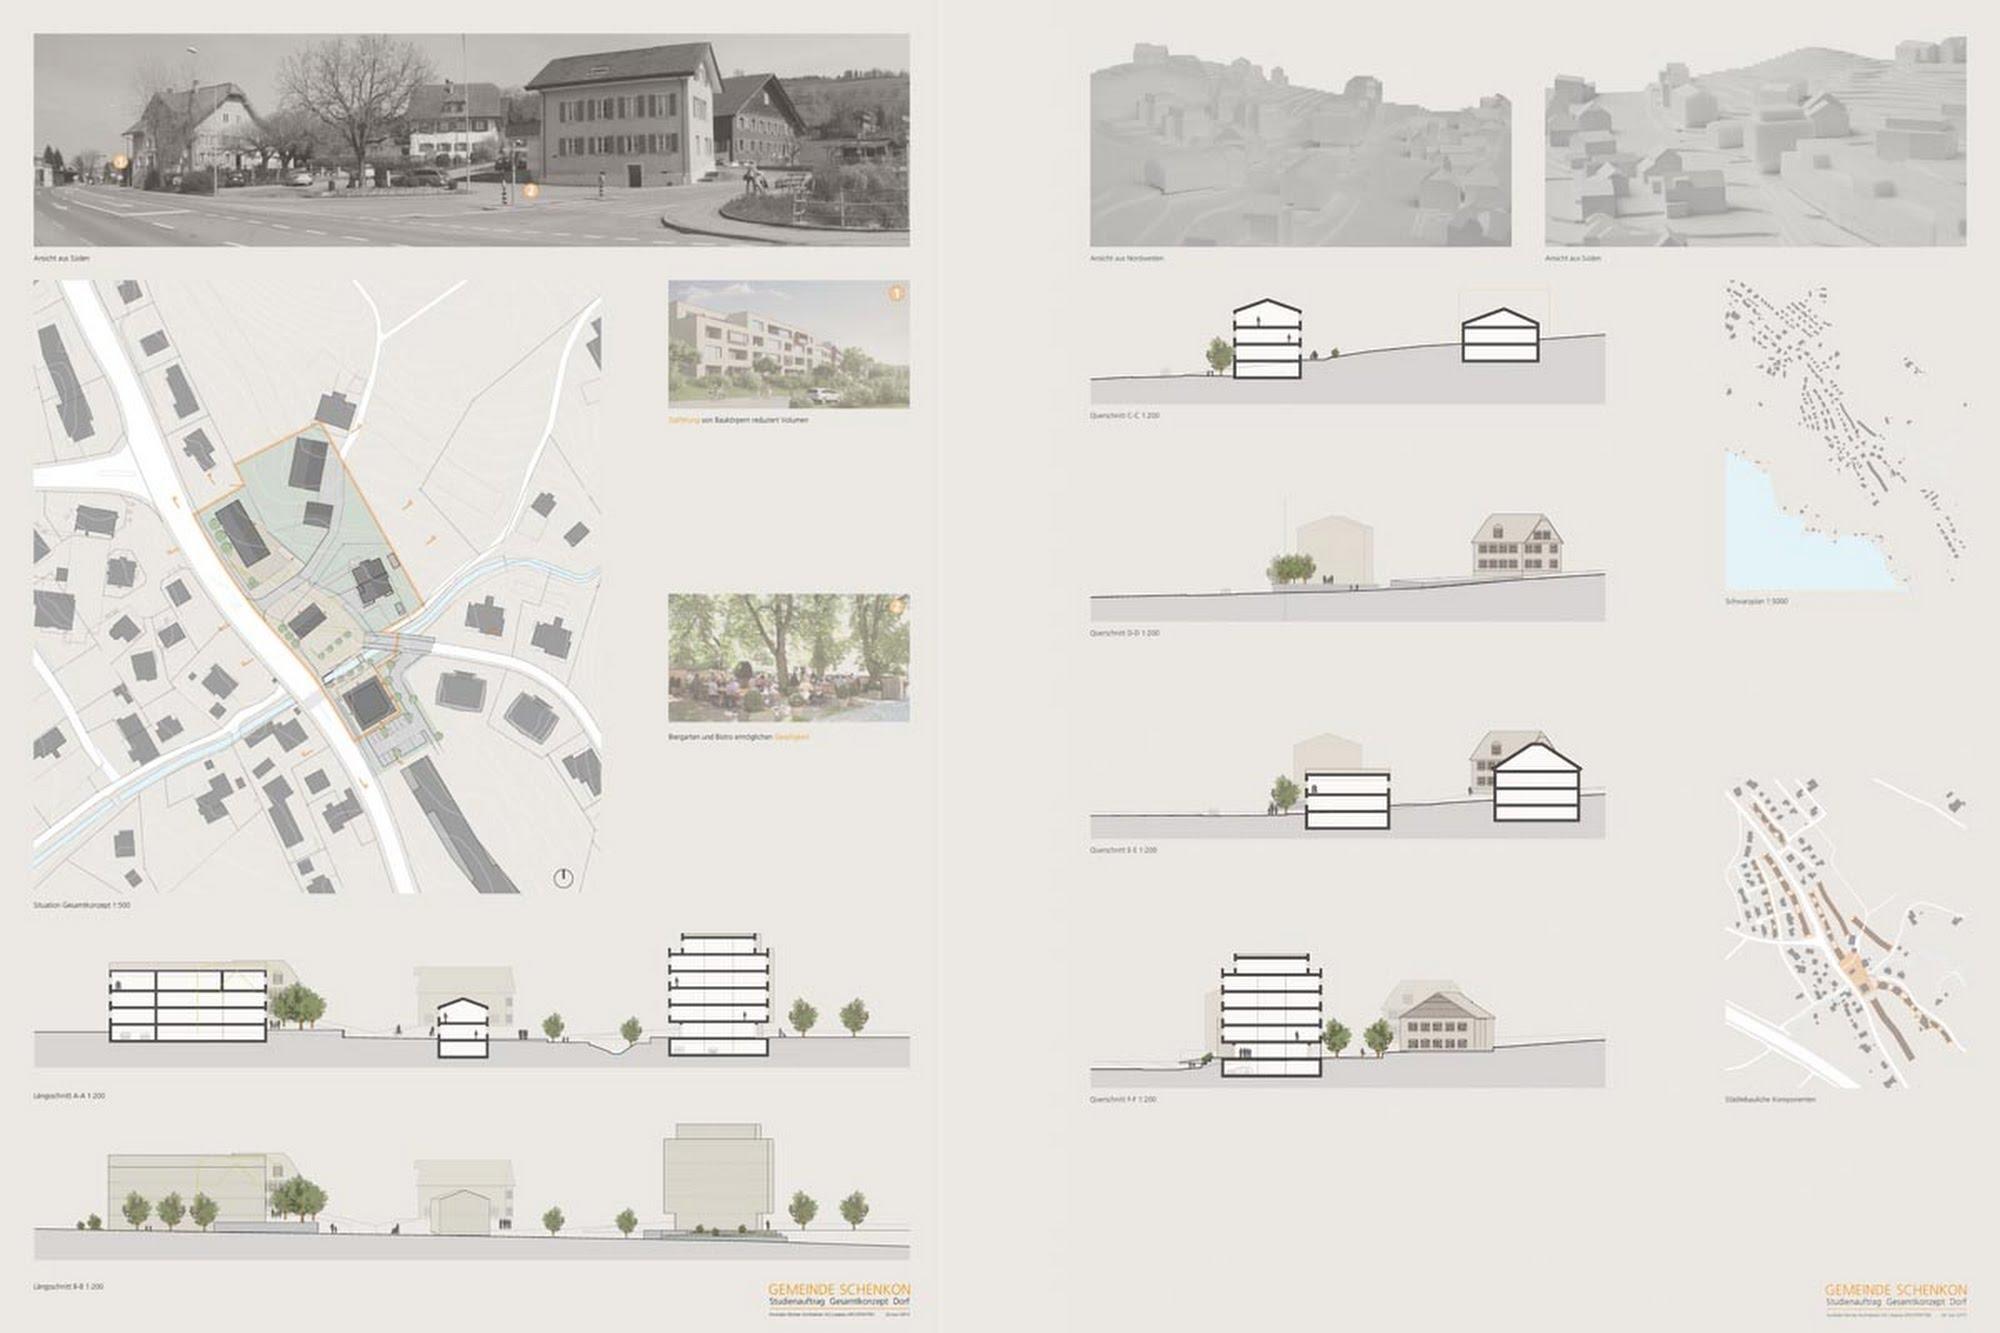 Öffentlich,Wohnen MFH Wettbewerb Gesamtkonzept Dorf Schenkon Architektur,Wohnungsbau,Wohnhäuser,Einfamilienhäuser,Mehrfamilienhäuser